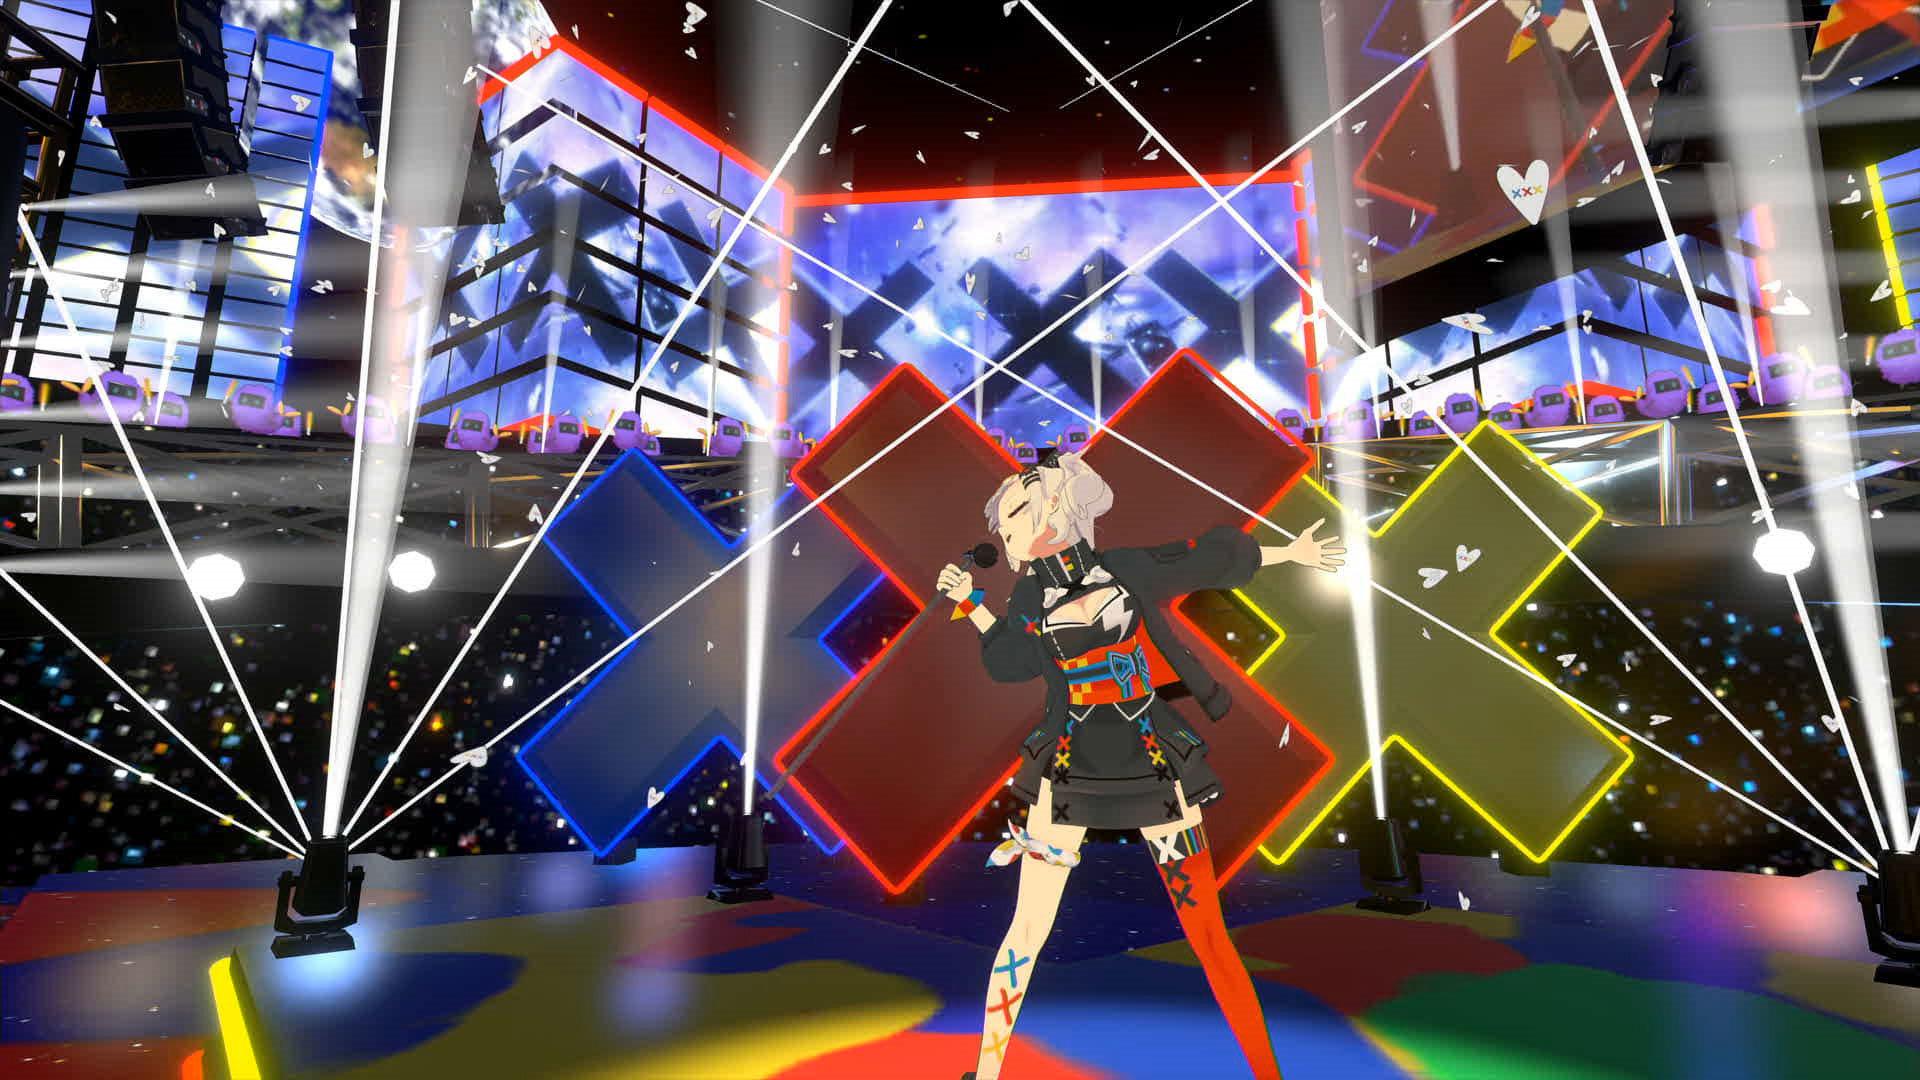 「輝夜 月 LIVE@ZeppVR2」より (C)KAGUYA LUNA / Sony Music Labels Inc. Character Designed by Mika Pikazo